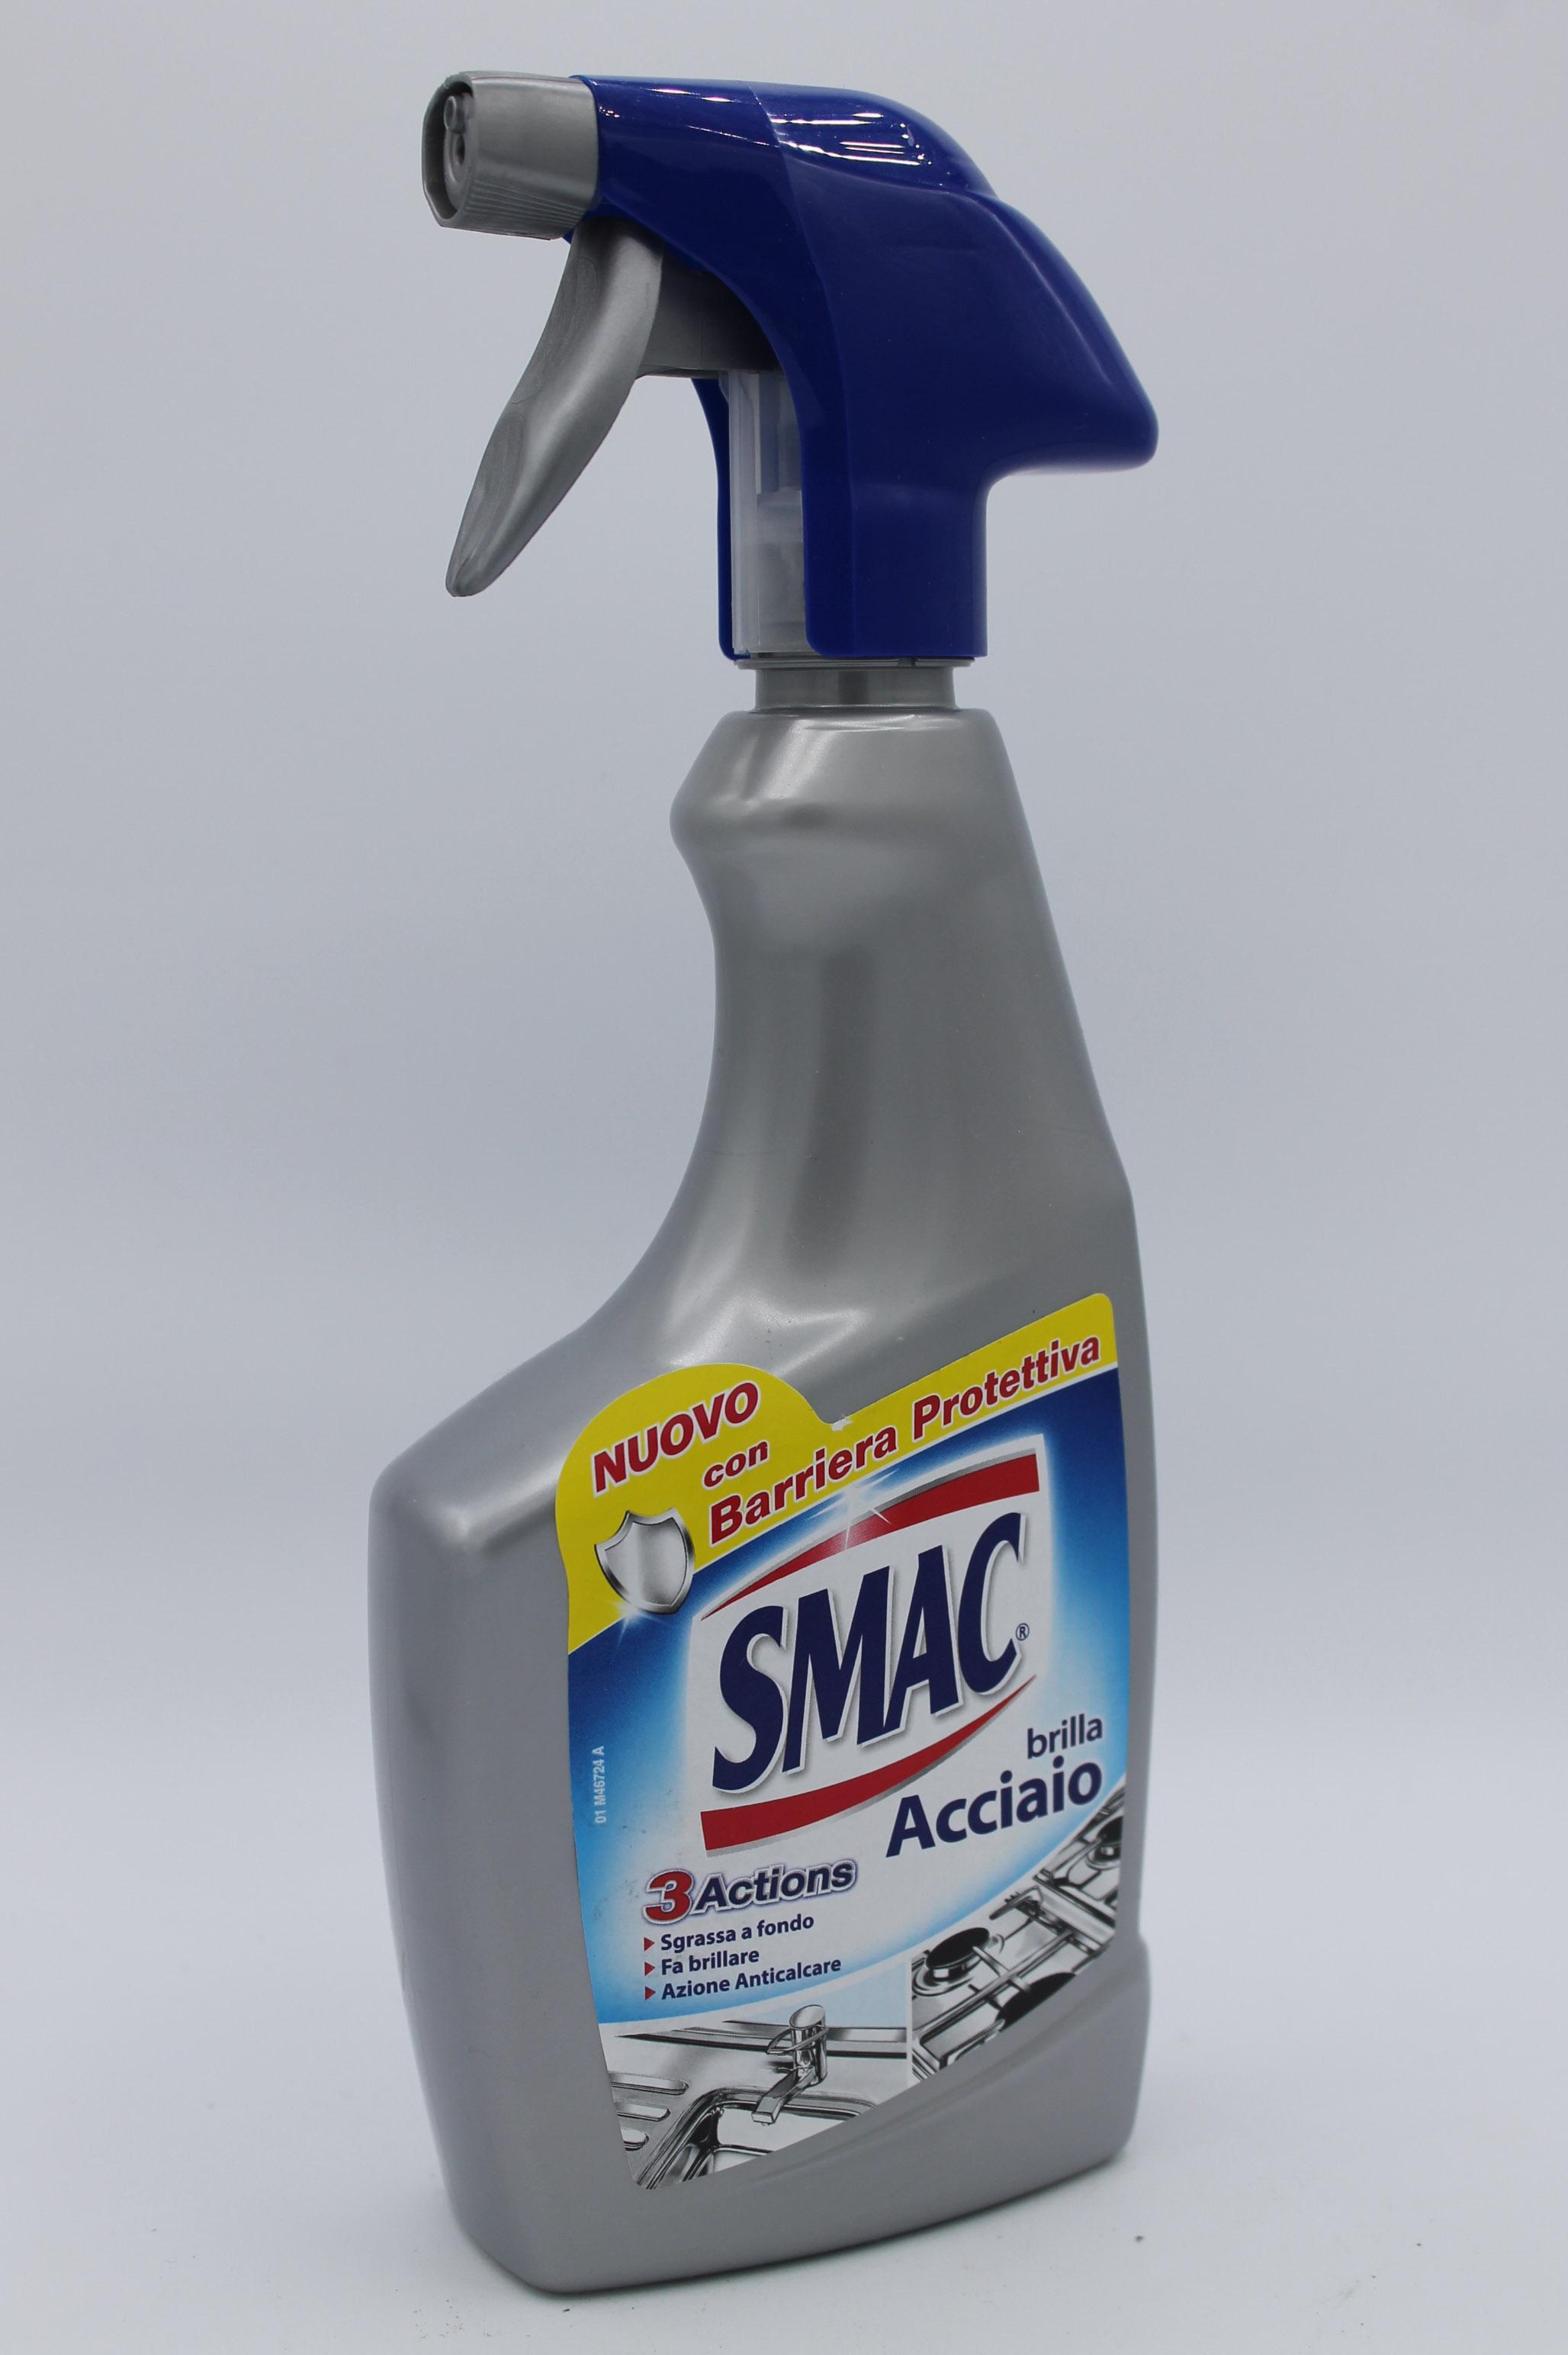 Smac brillacciaio spray 520ml.